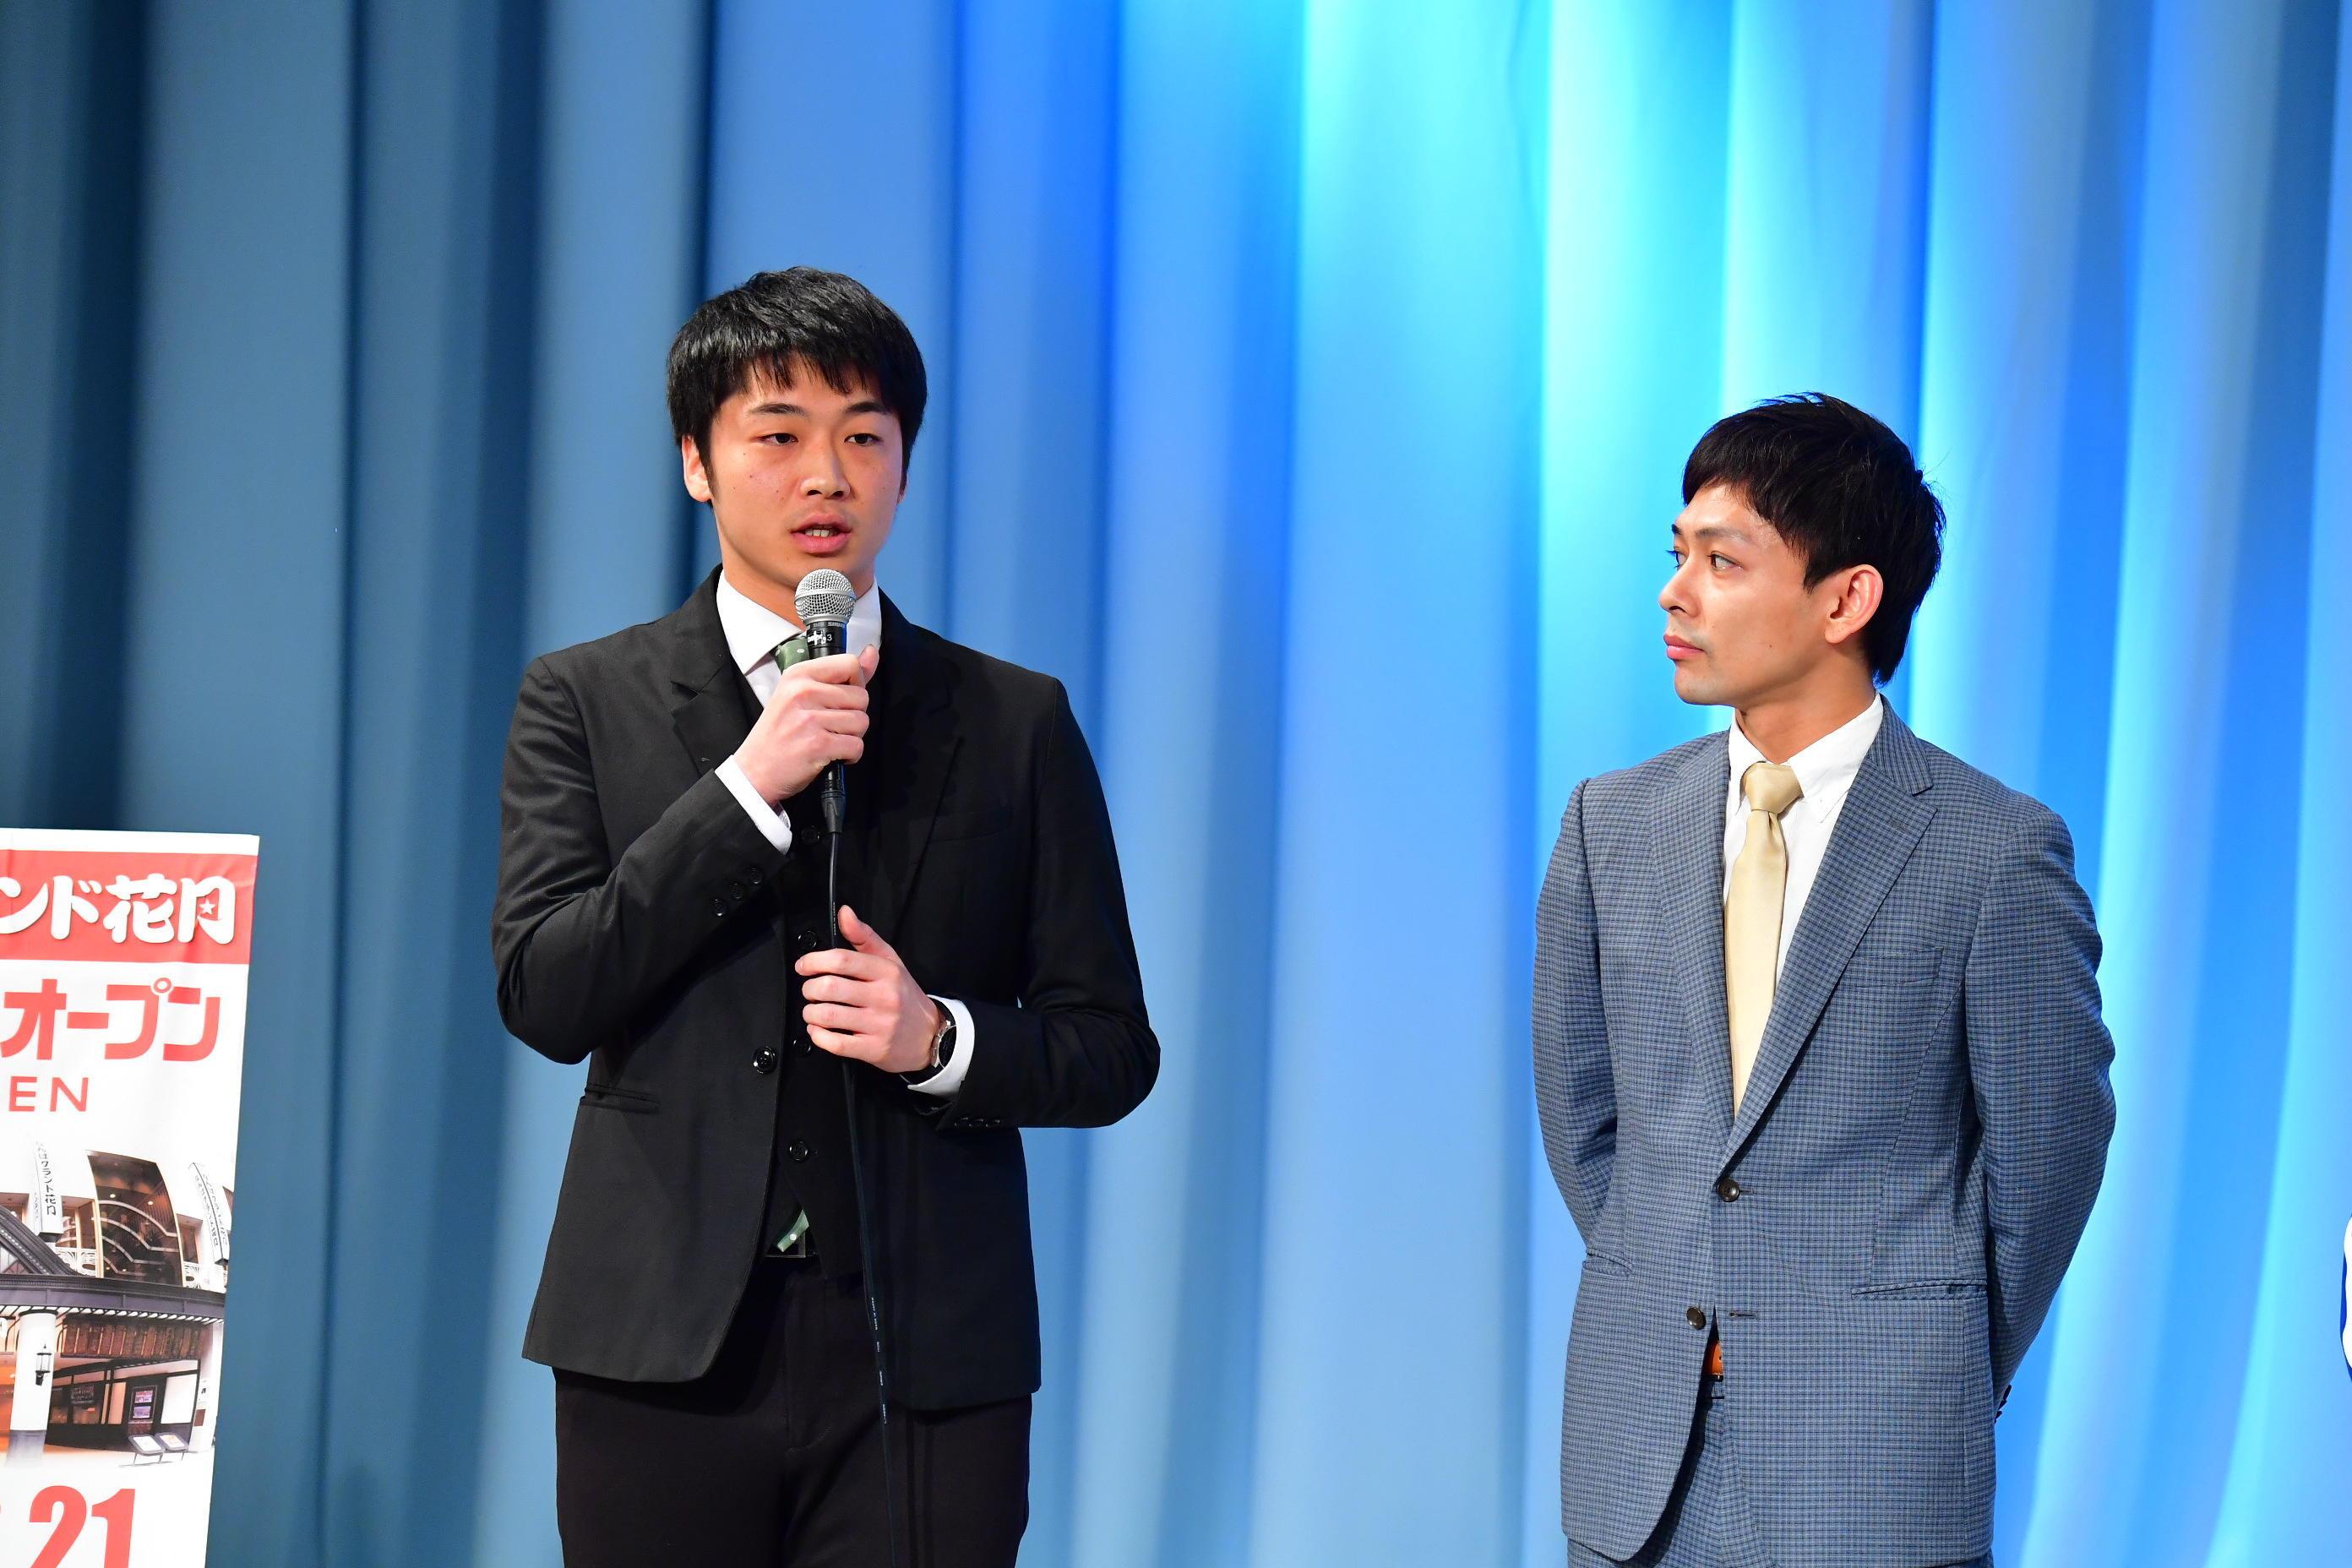 http://news.yoshimoto.co.jp/20171207223441-ec74315e6f91710058dee5400ce1bb949da36854.jpg